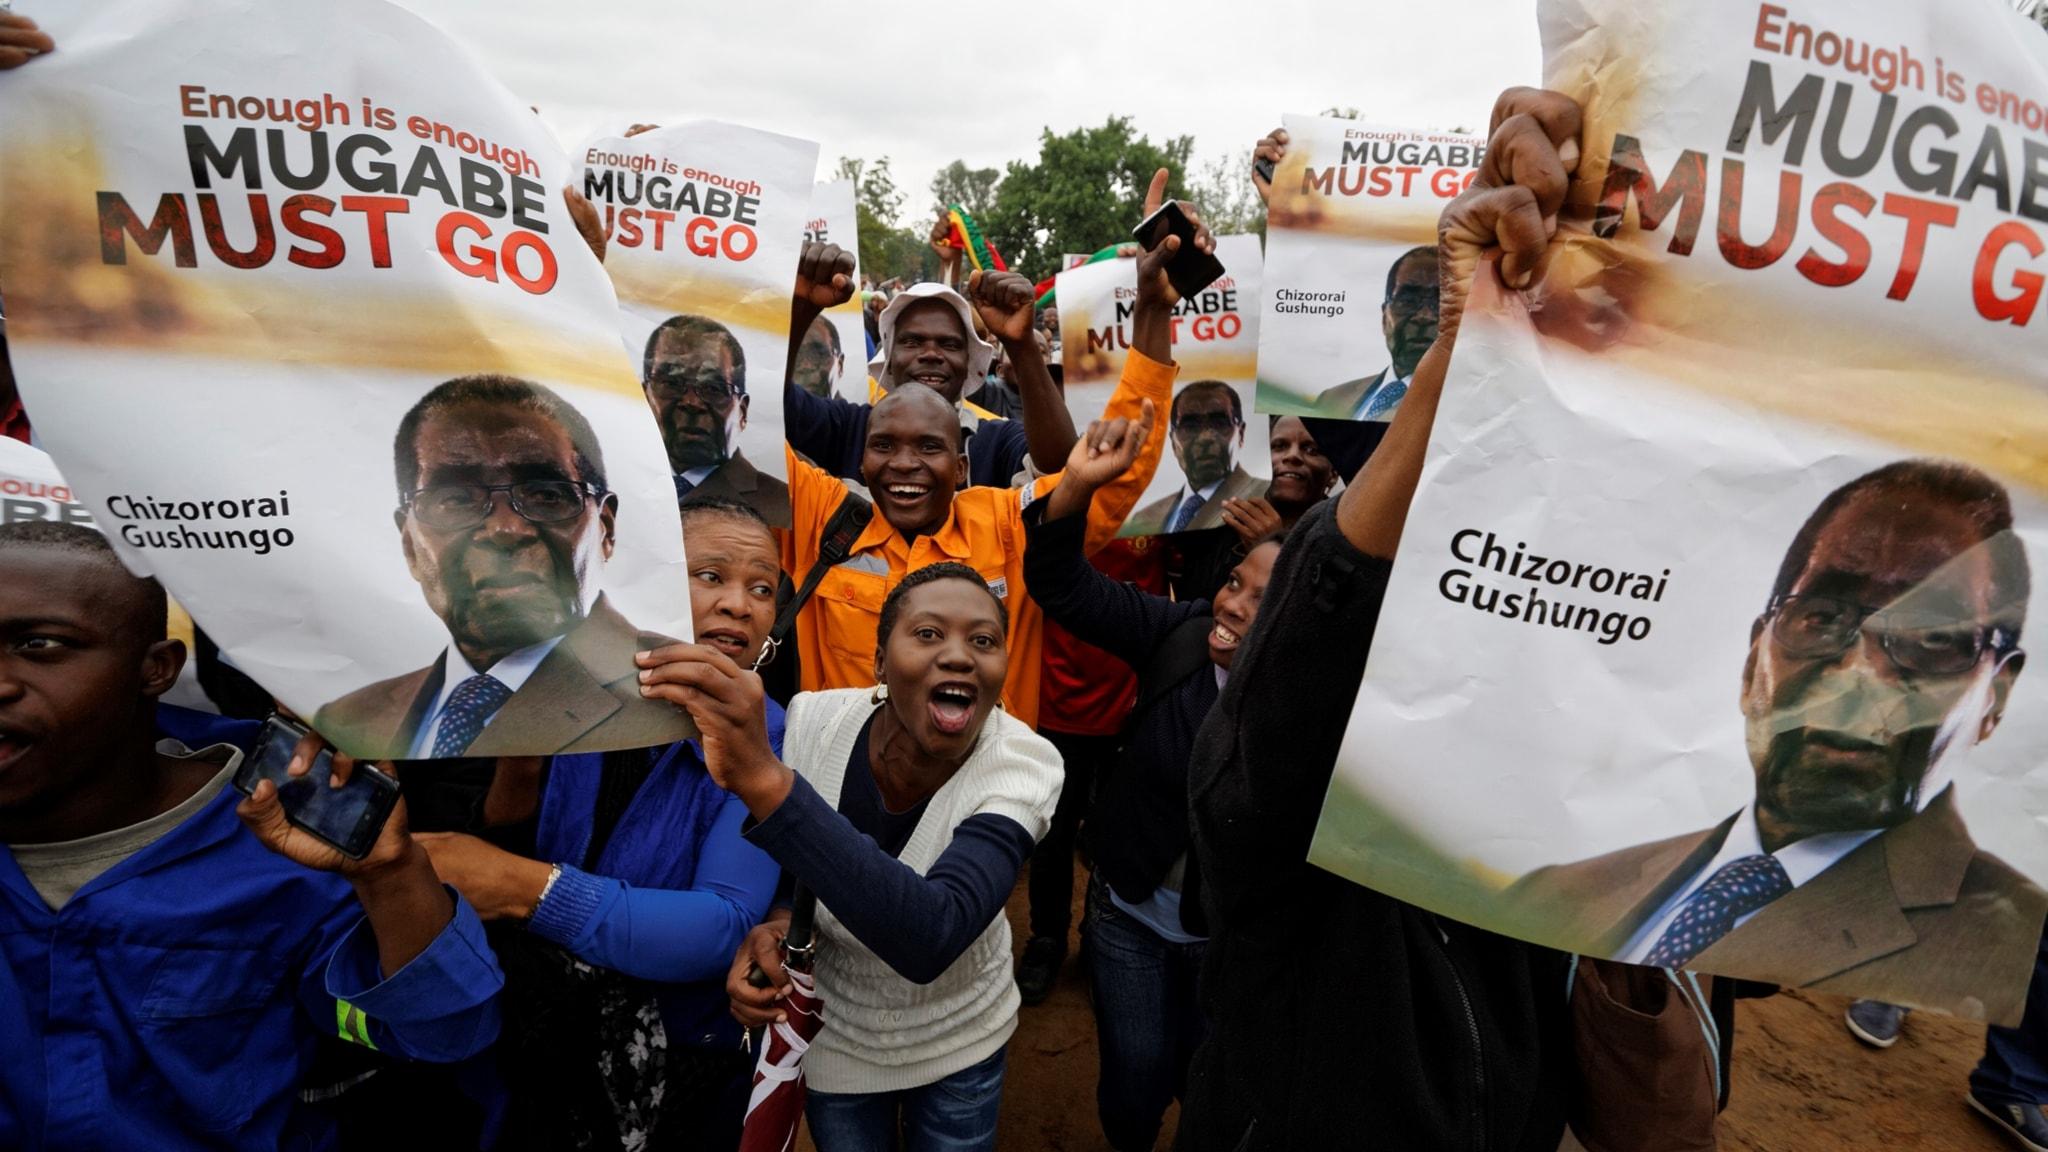 Mugabe uppges sparkad av partiet - vad händer i Zimbabwe nu?